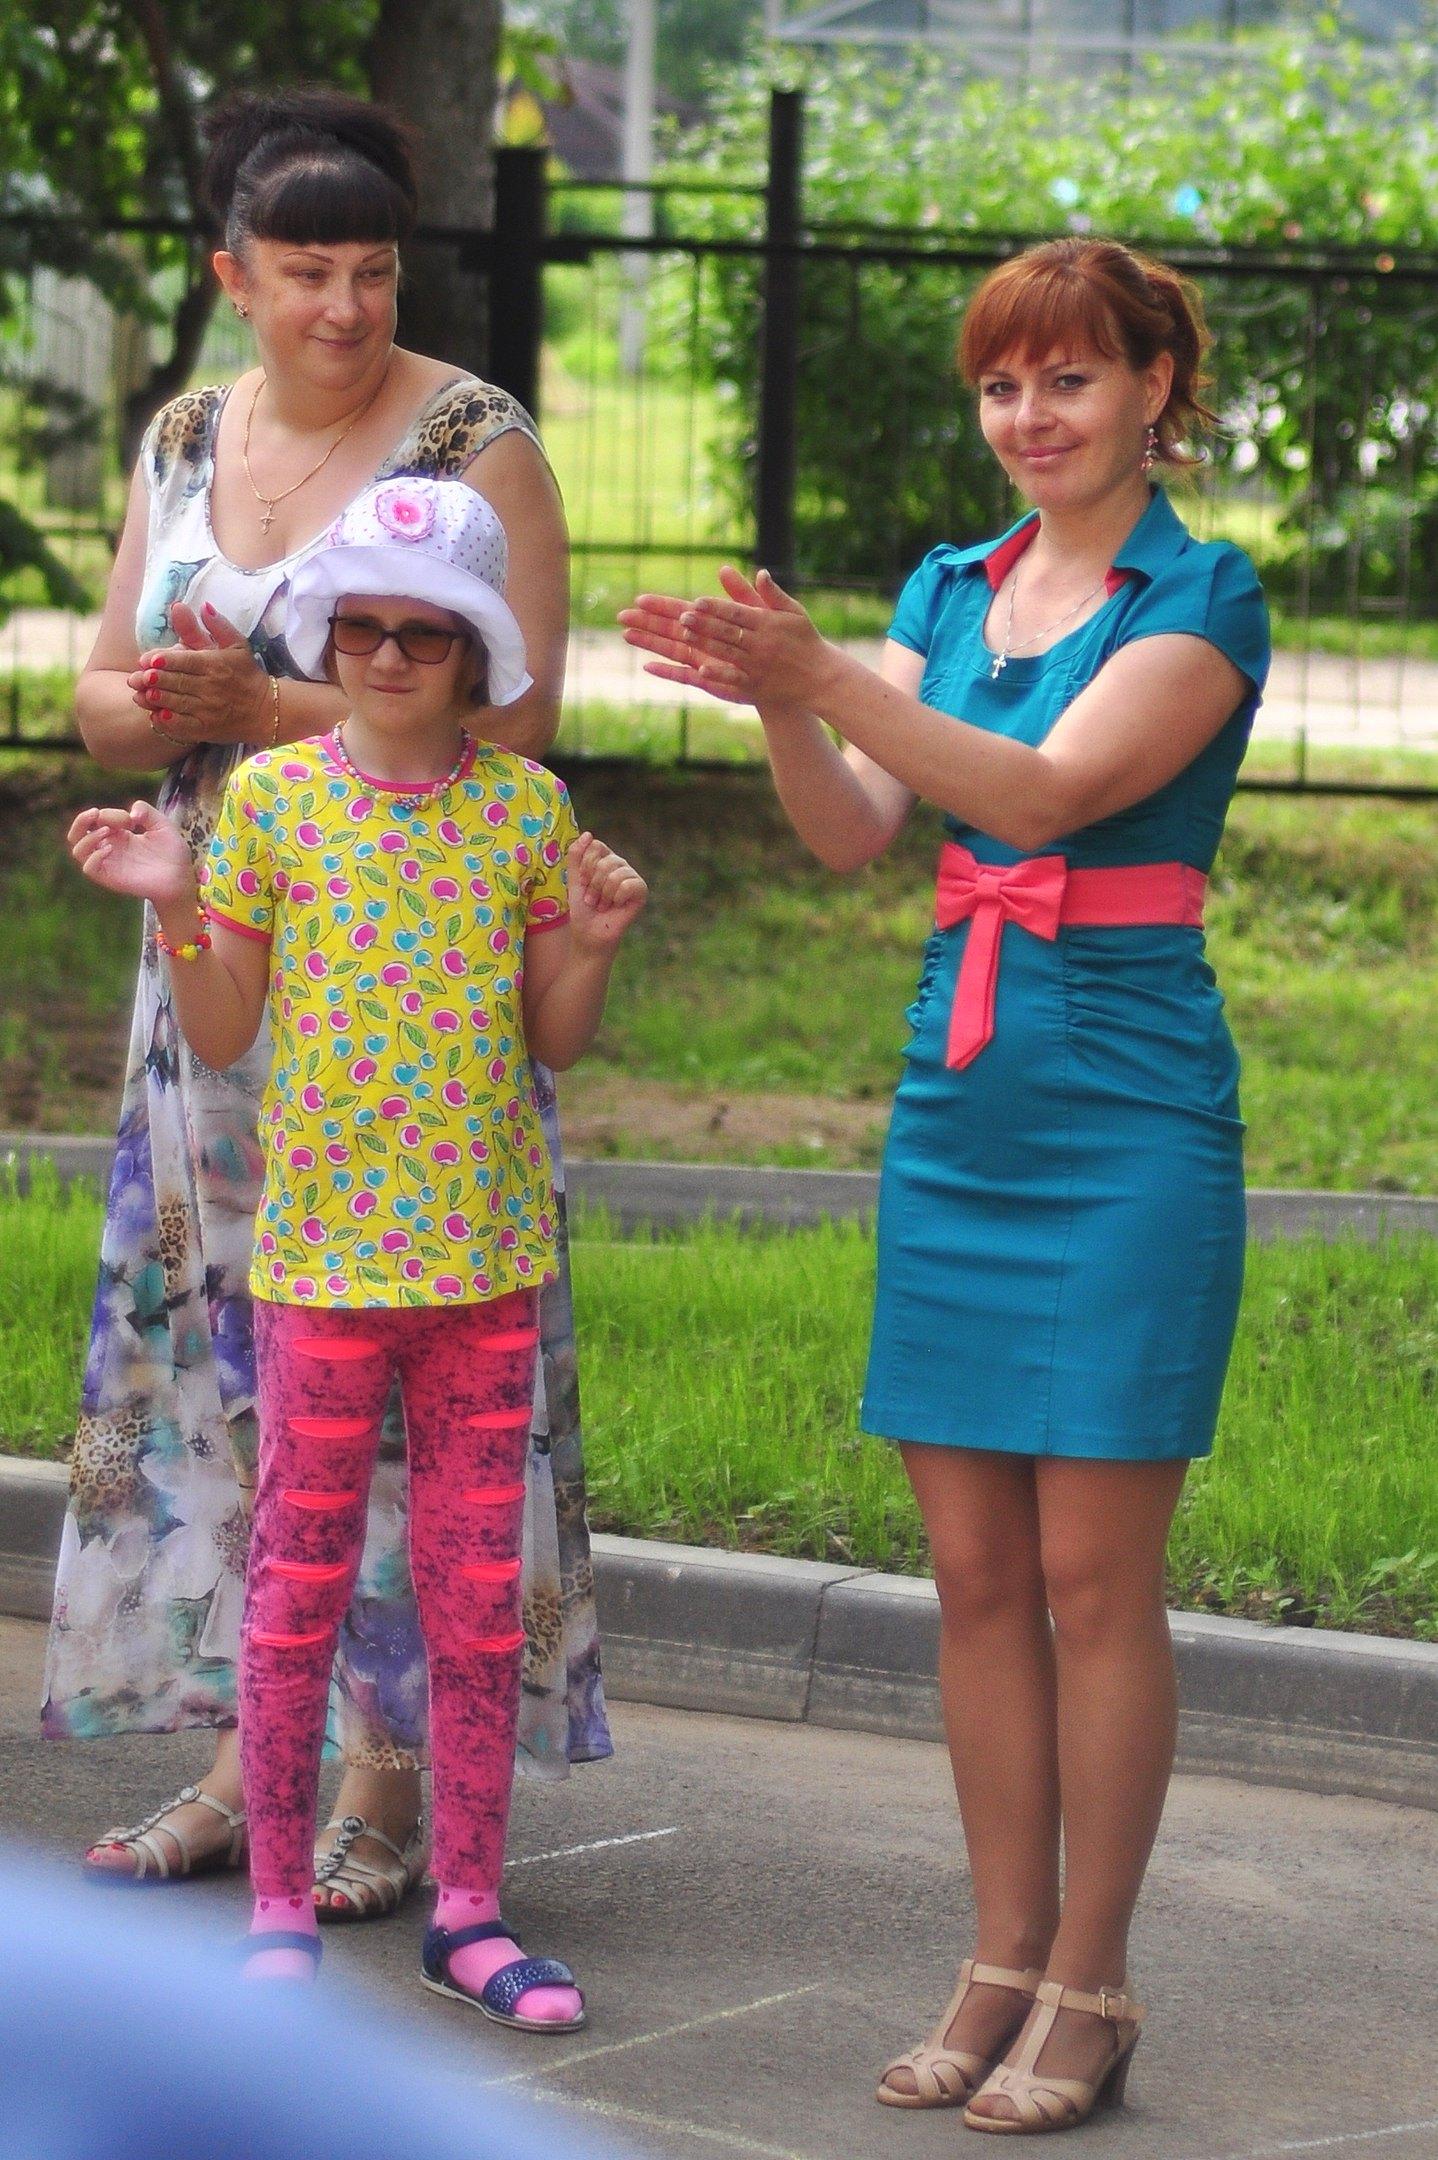 24.06.2016, вып. в Лесовичке, фото О. Сидяковой, 08